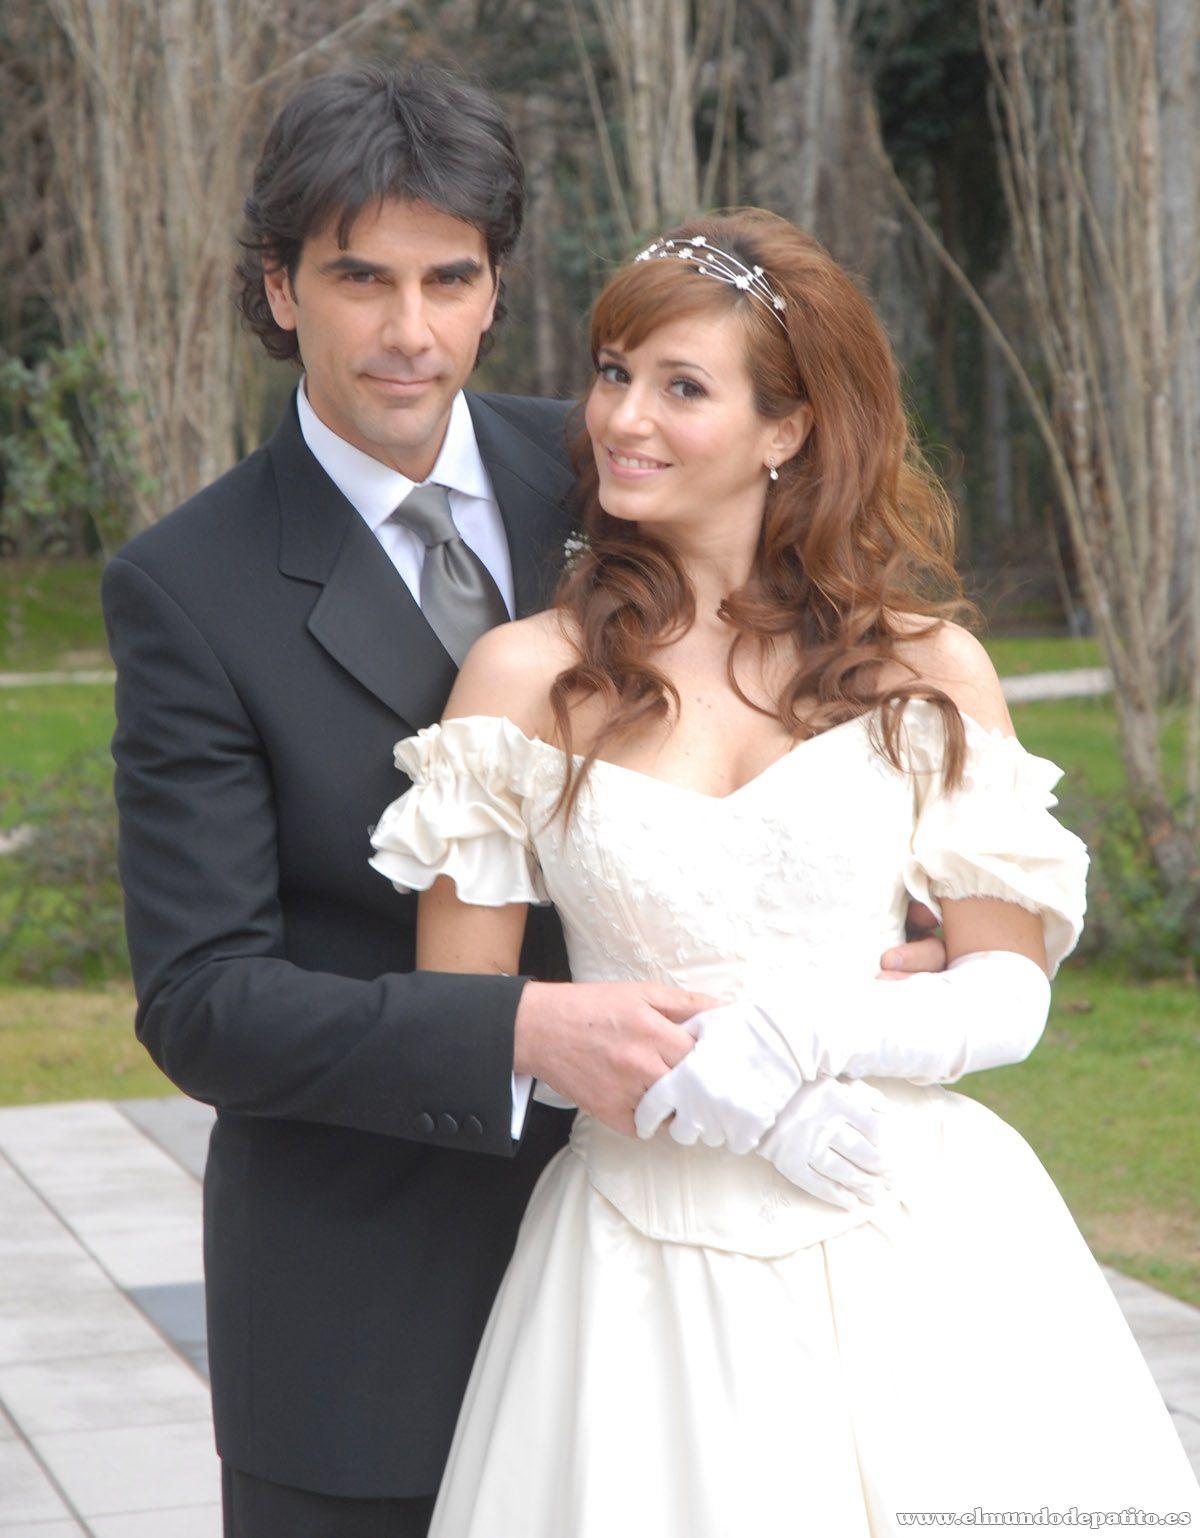 La mala experiencia de Griselda Siciliani con Juan Darthés: Percibí algo raro y decidí protegerme